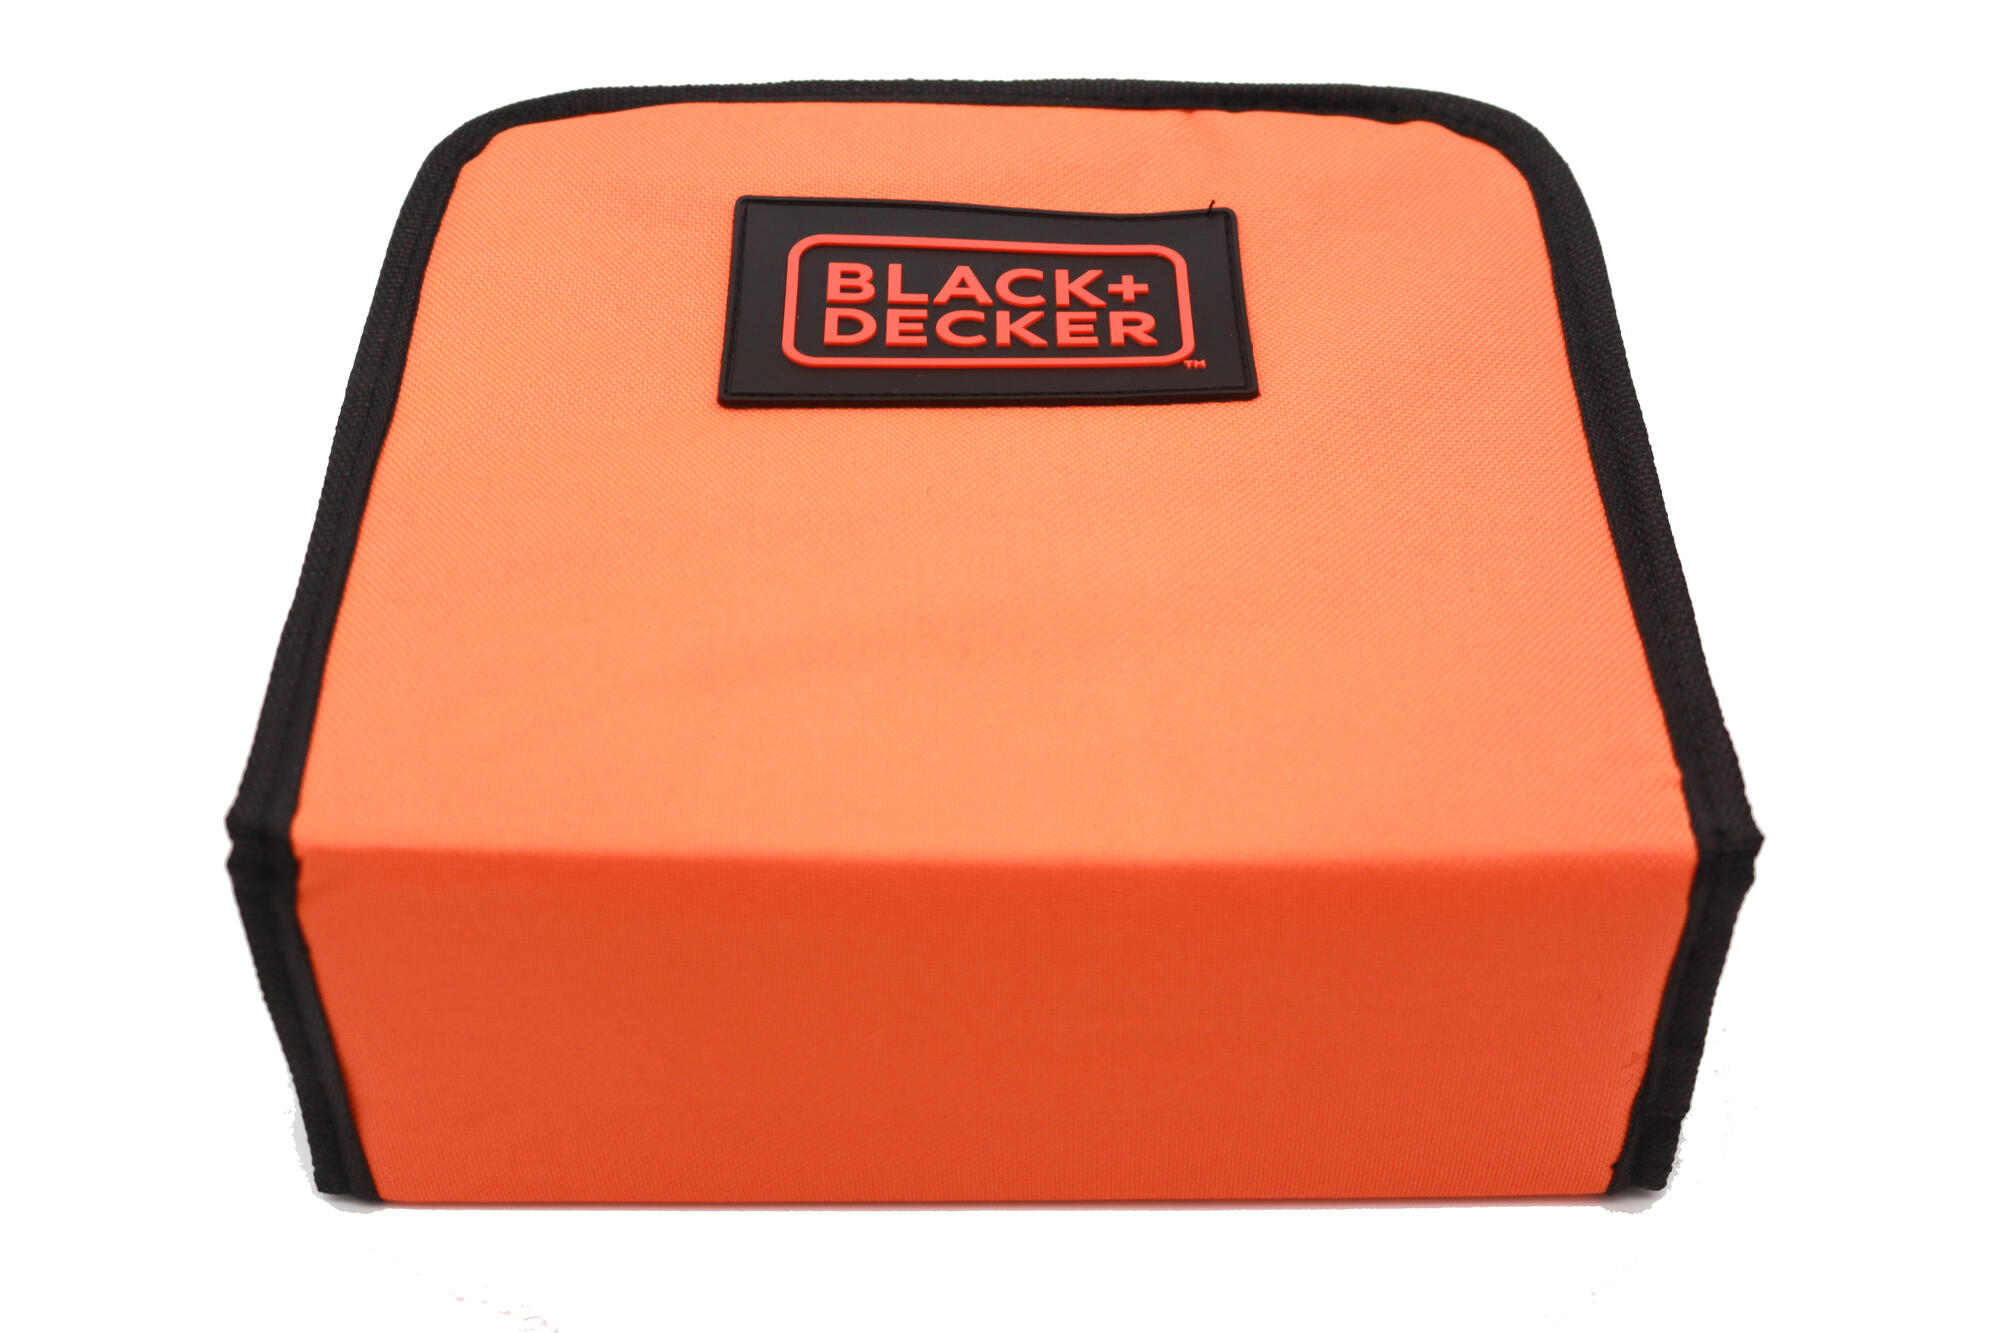 Instrumenty - Drel Black&Decker BDCHD12S1-XJ - ultra-kompaktnyy udarnyy shurupovyort